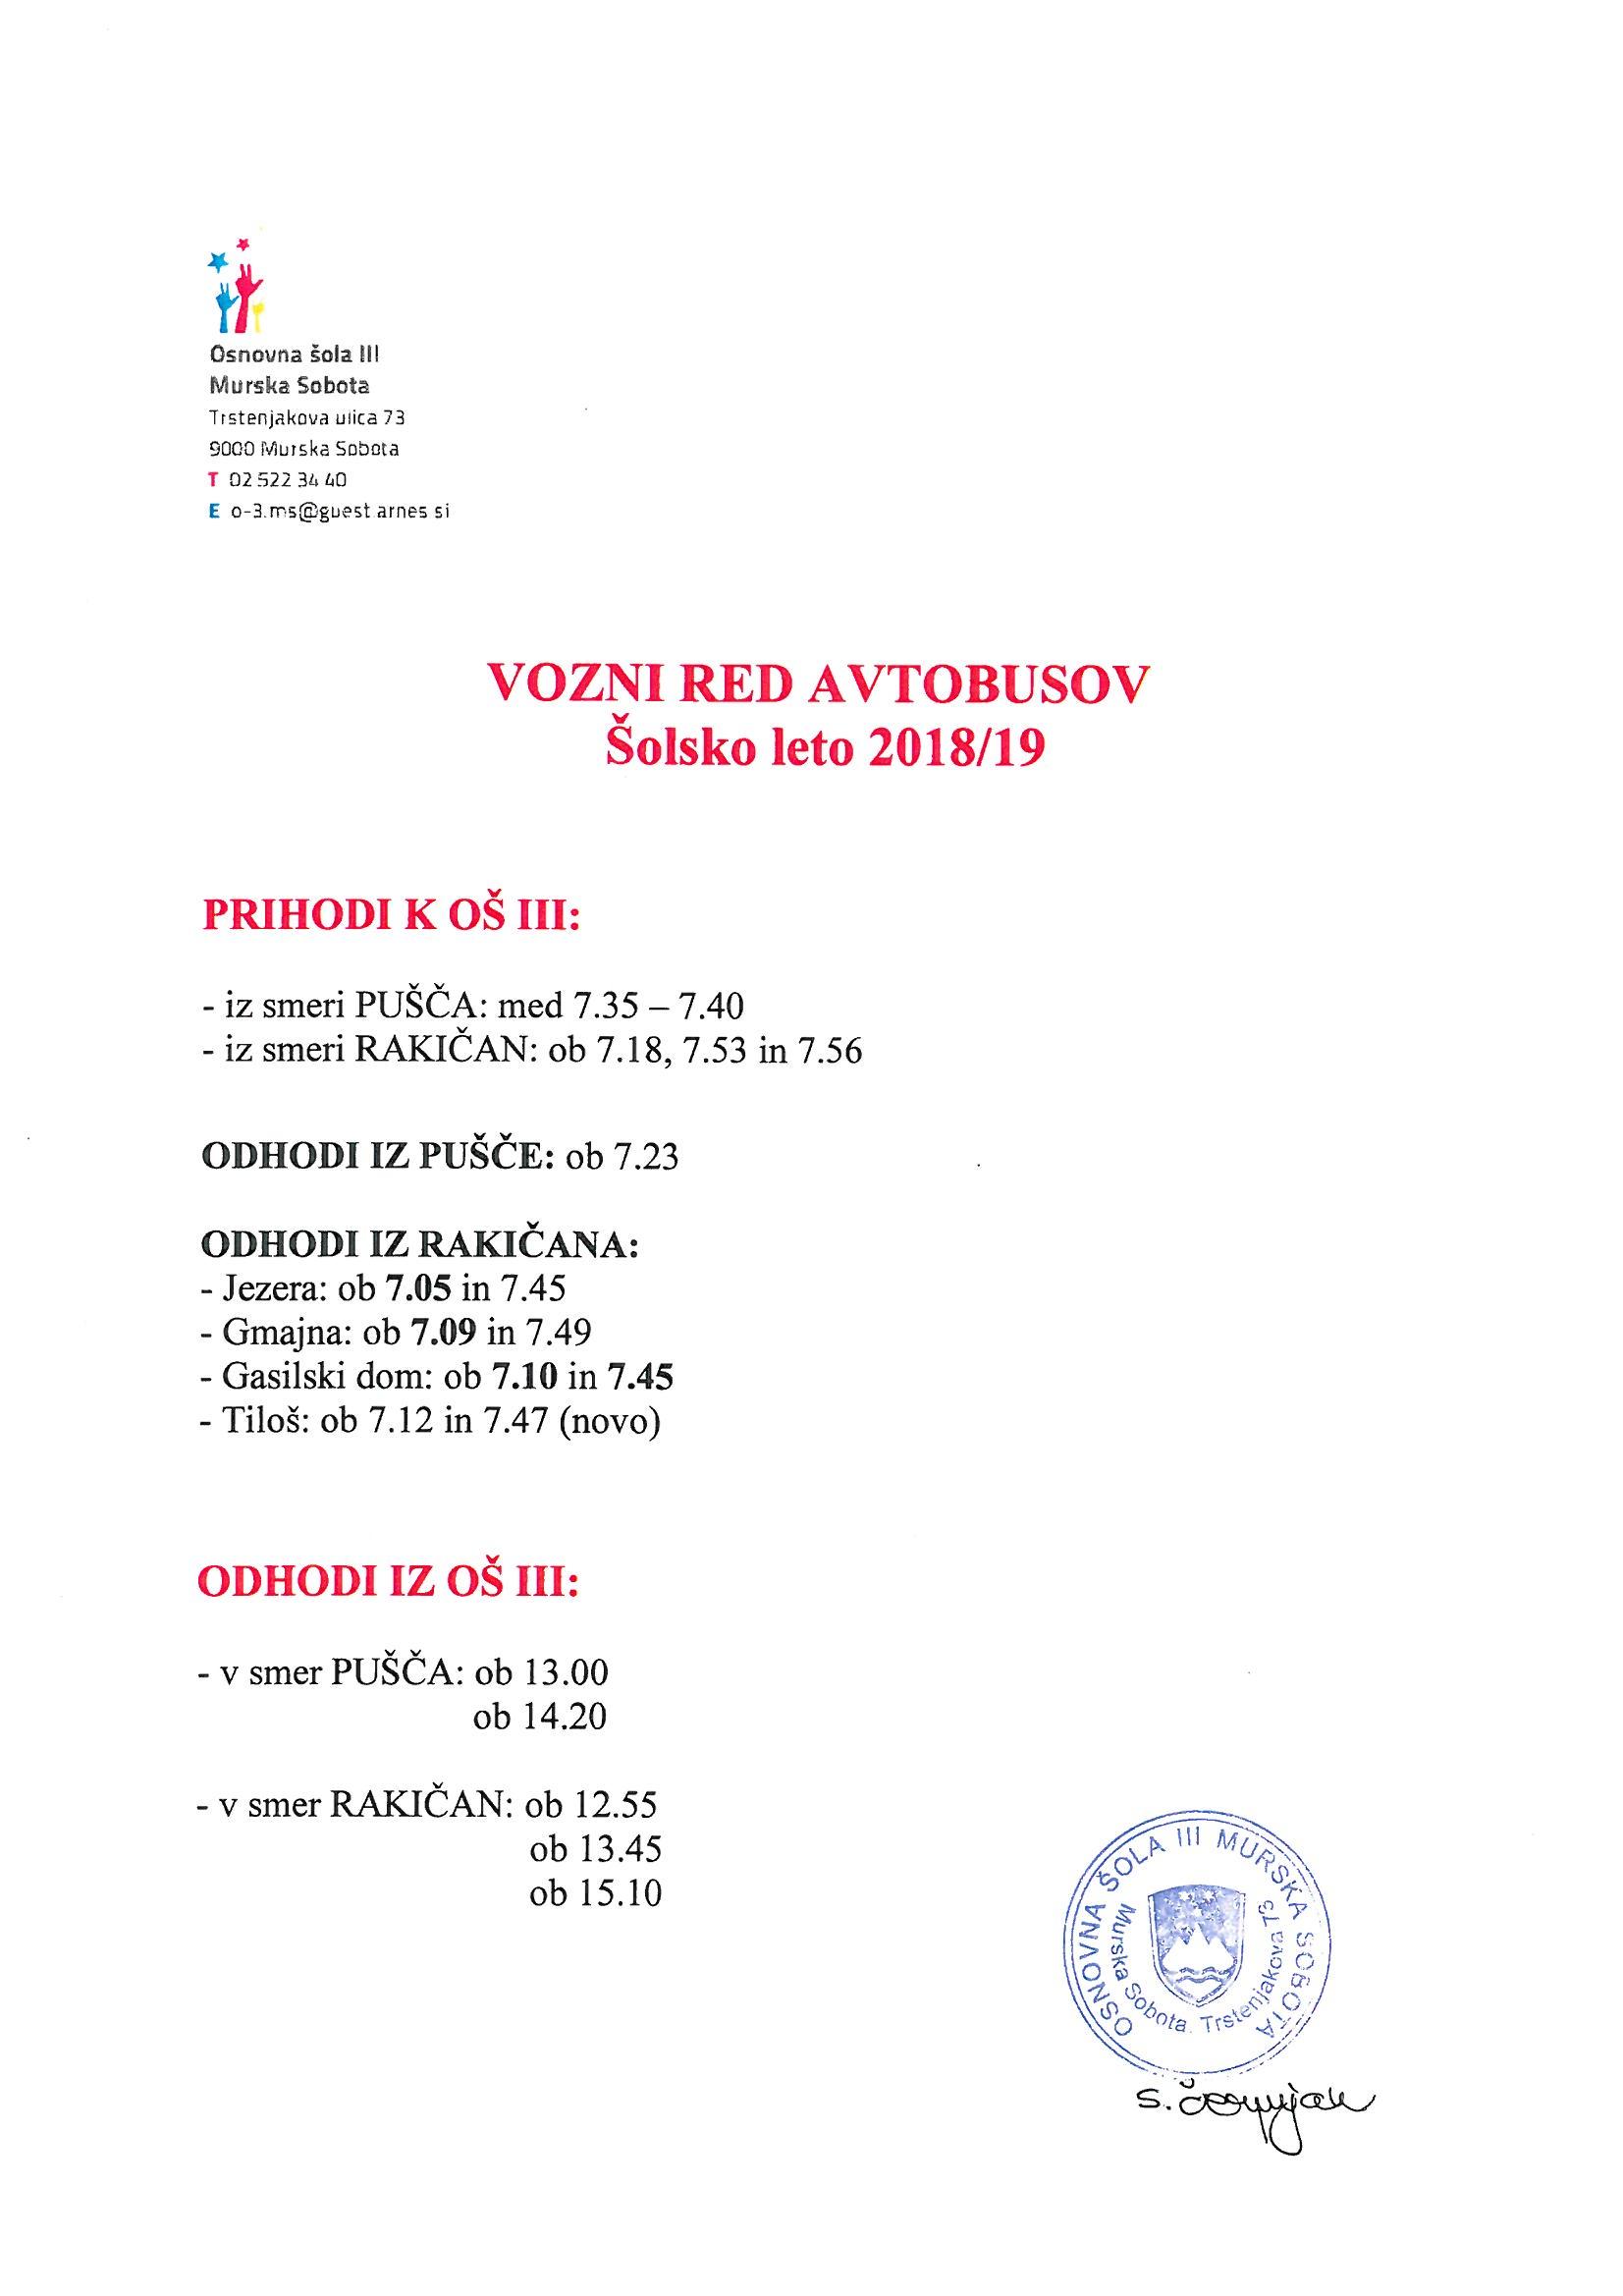 Vozni red avtobusov za š. l. 2018/19